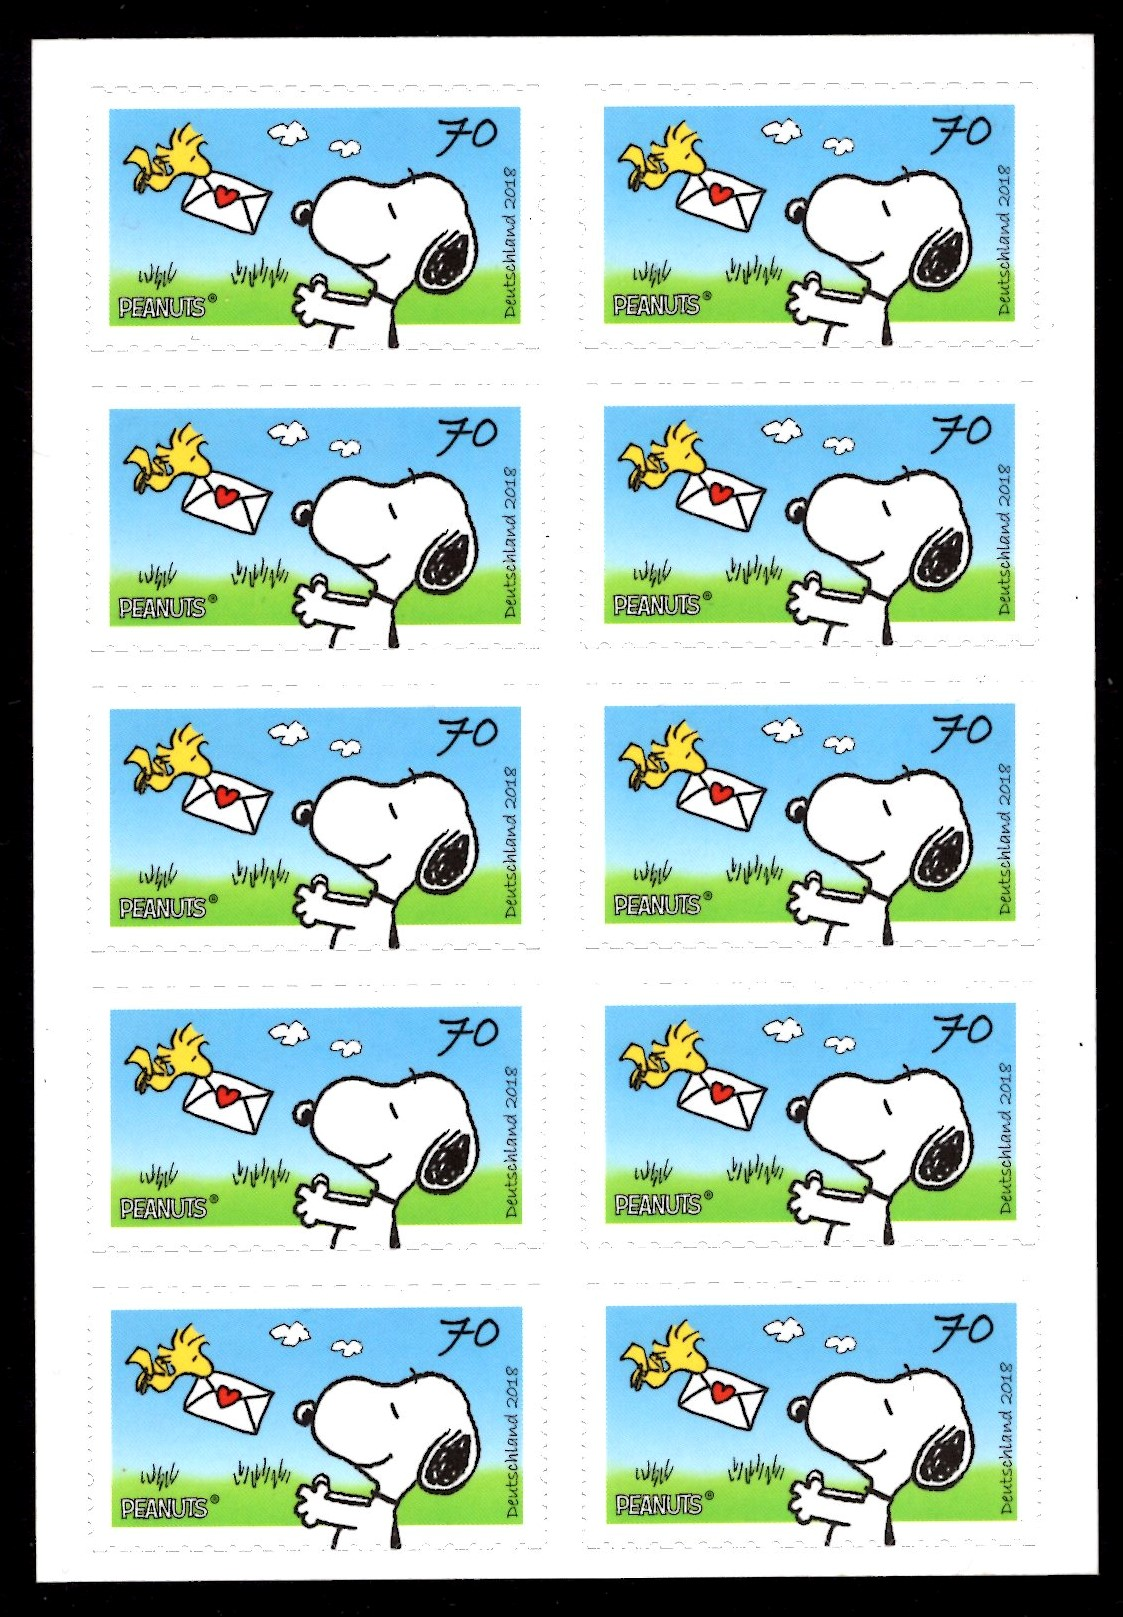 FBL 073 Peanuts